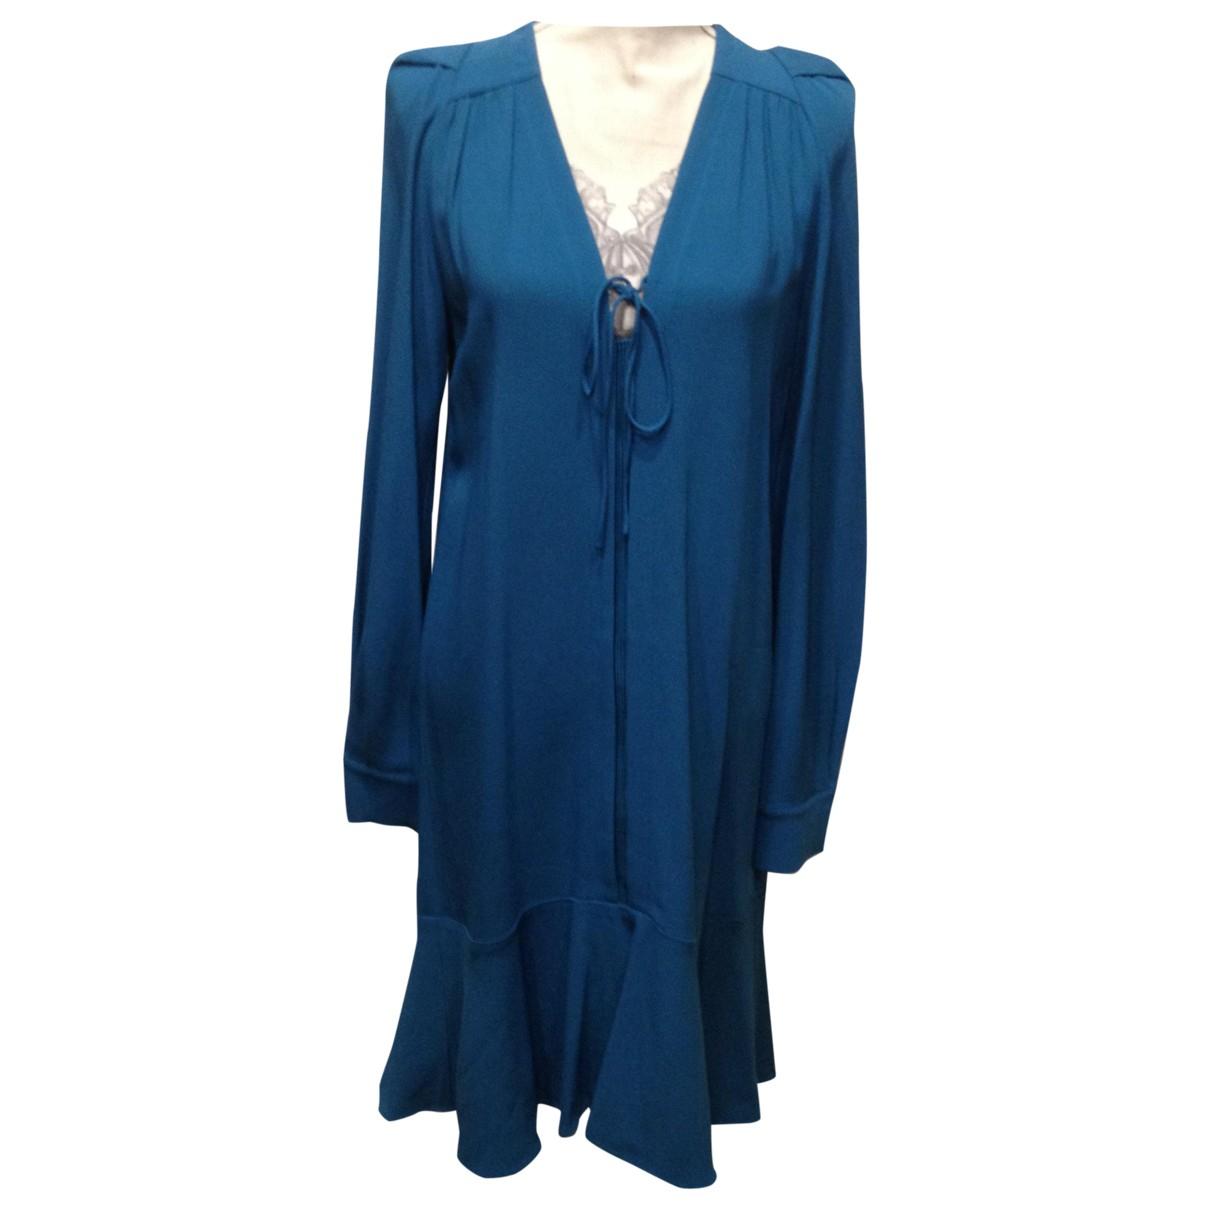 Stella Mccartney N dress for Women 40 IT